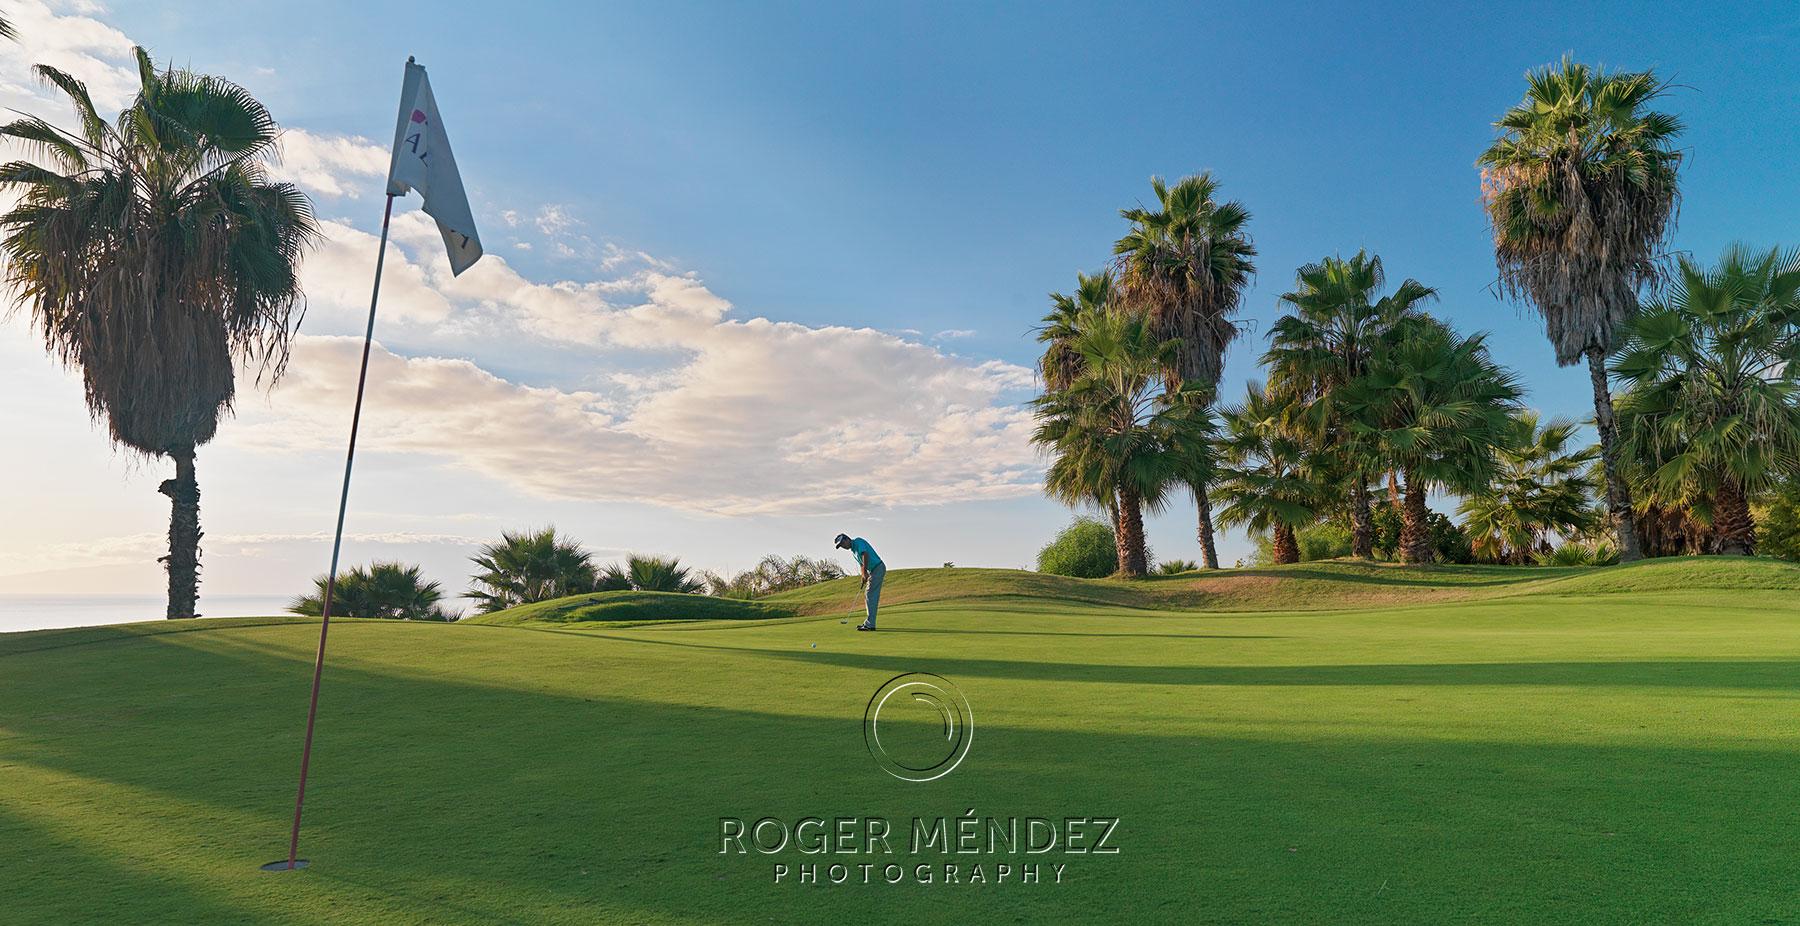 Campo de golf Abama. Fotografía hoyo y jugador